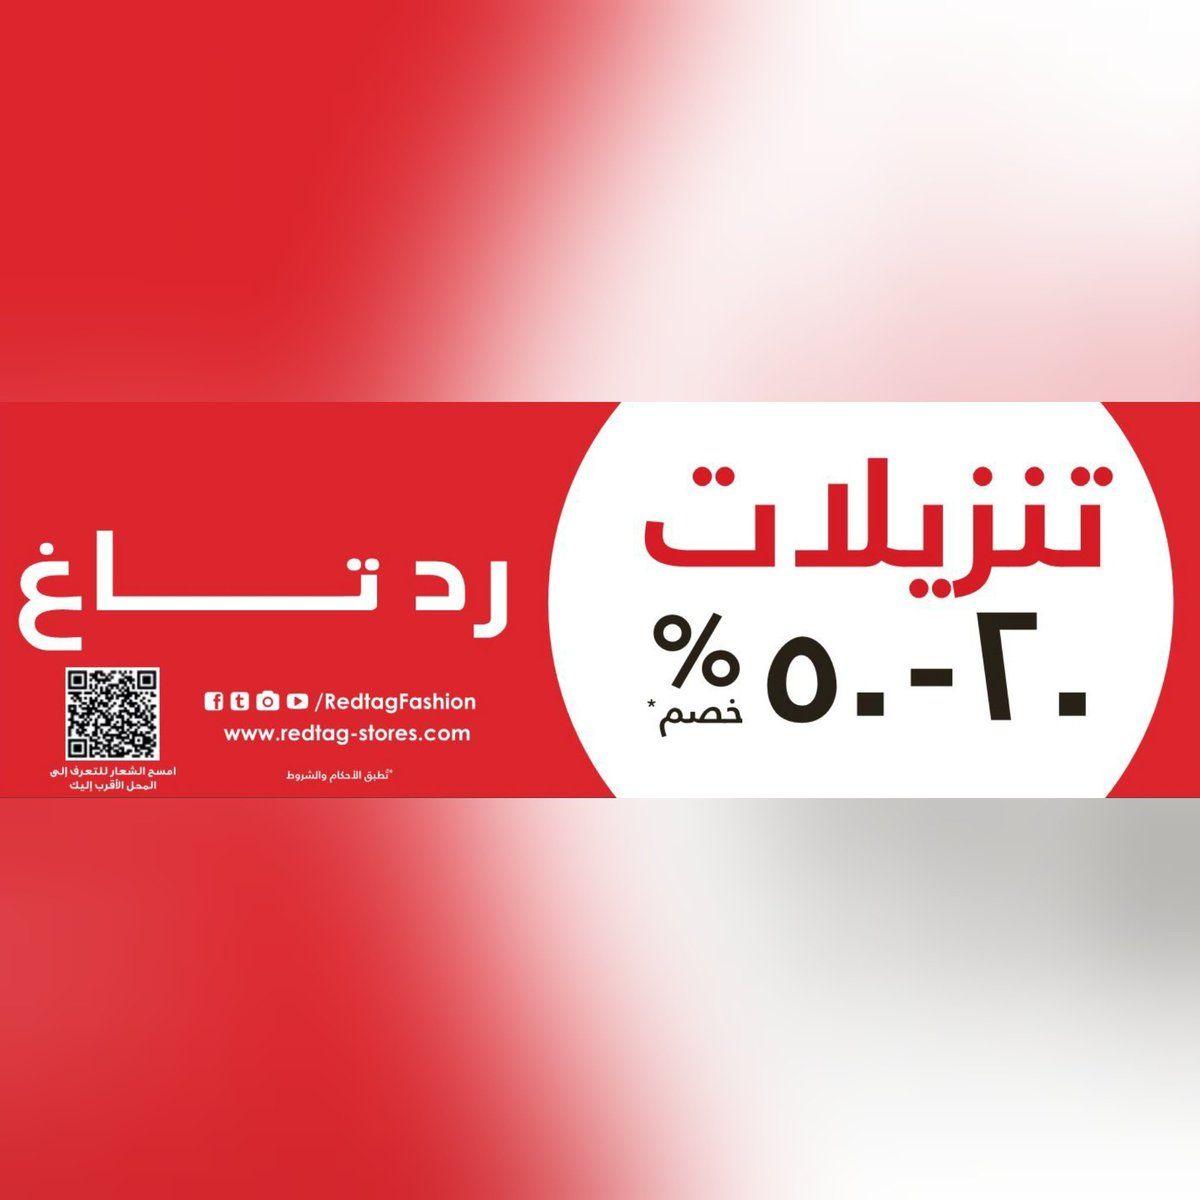 عروض اليوم عروض السعودية Light Box Cinema Light